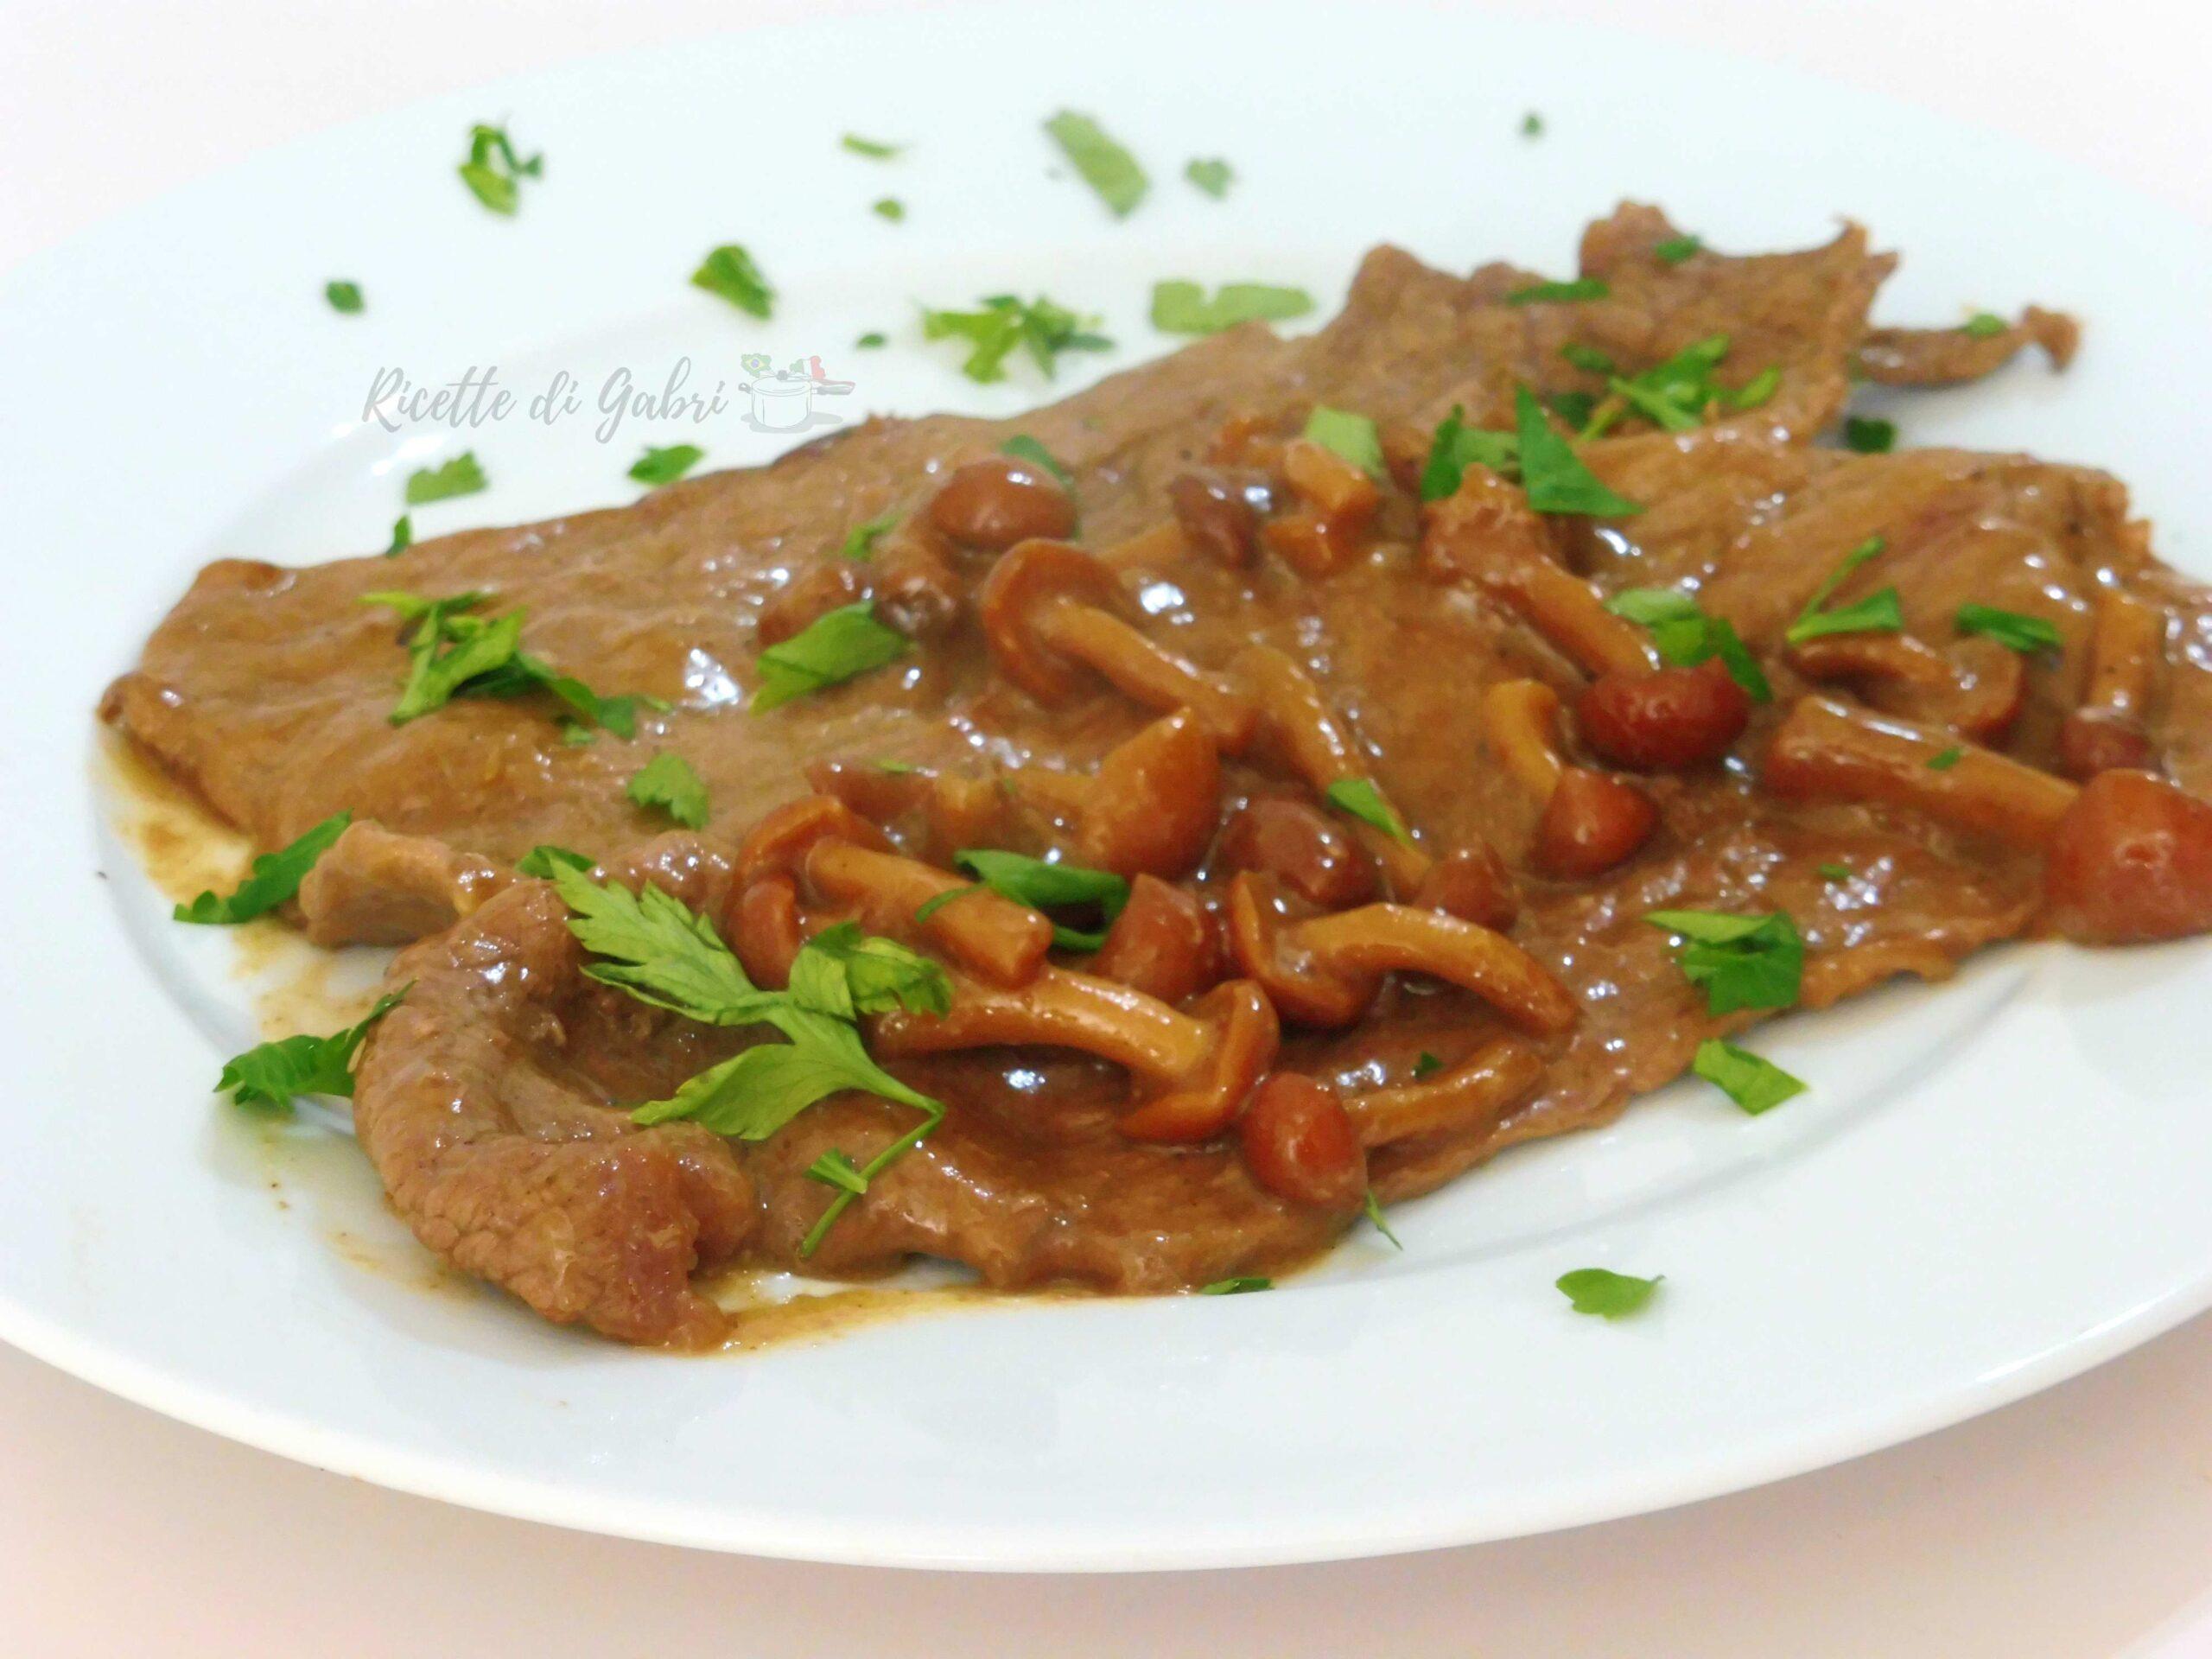 scaloppine o fettine di vitello ai funghi ricetta facile e veloce di gabri